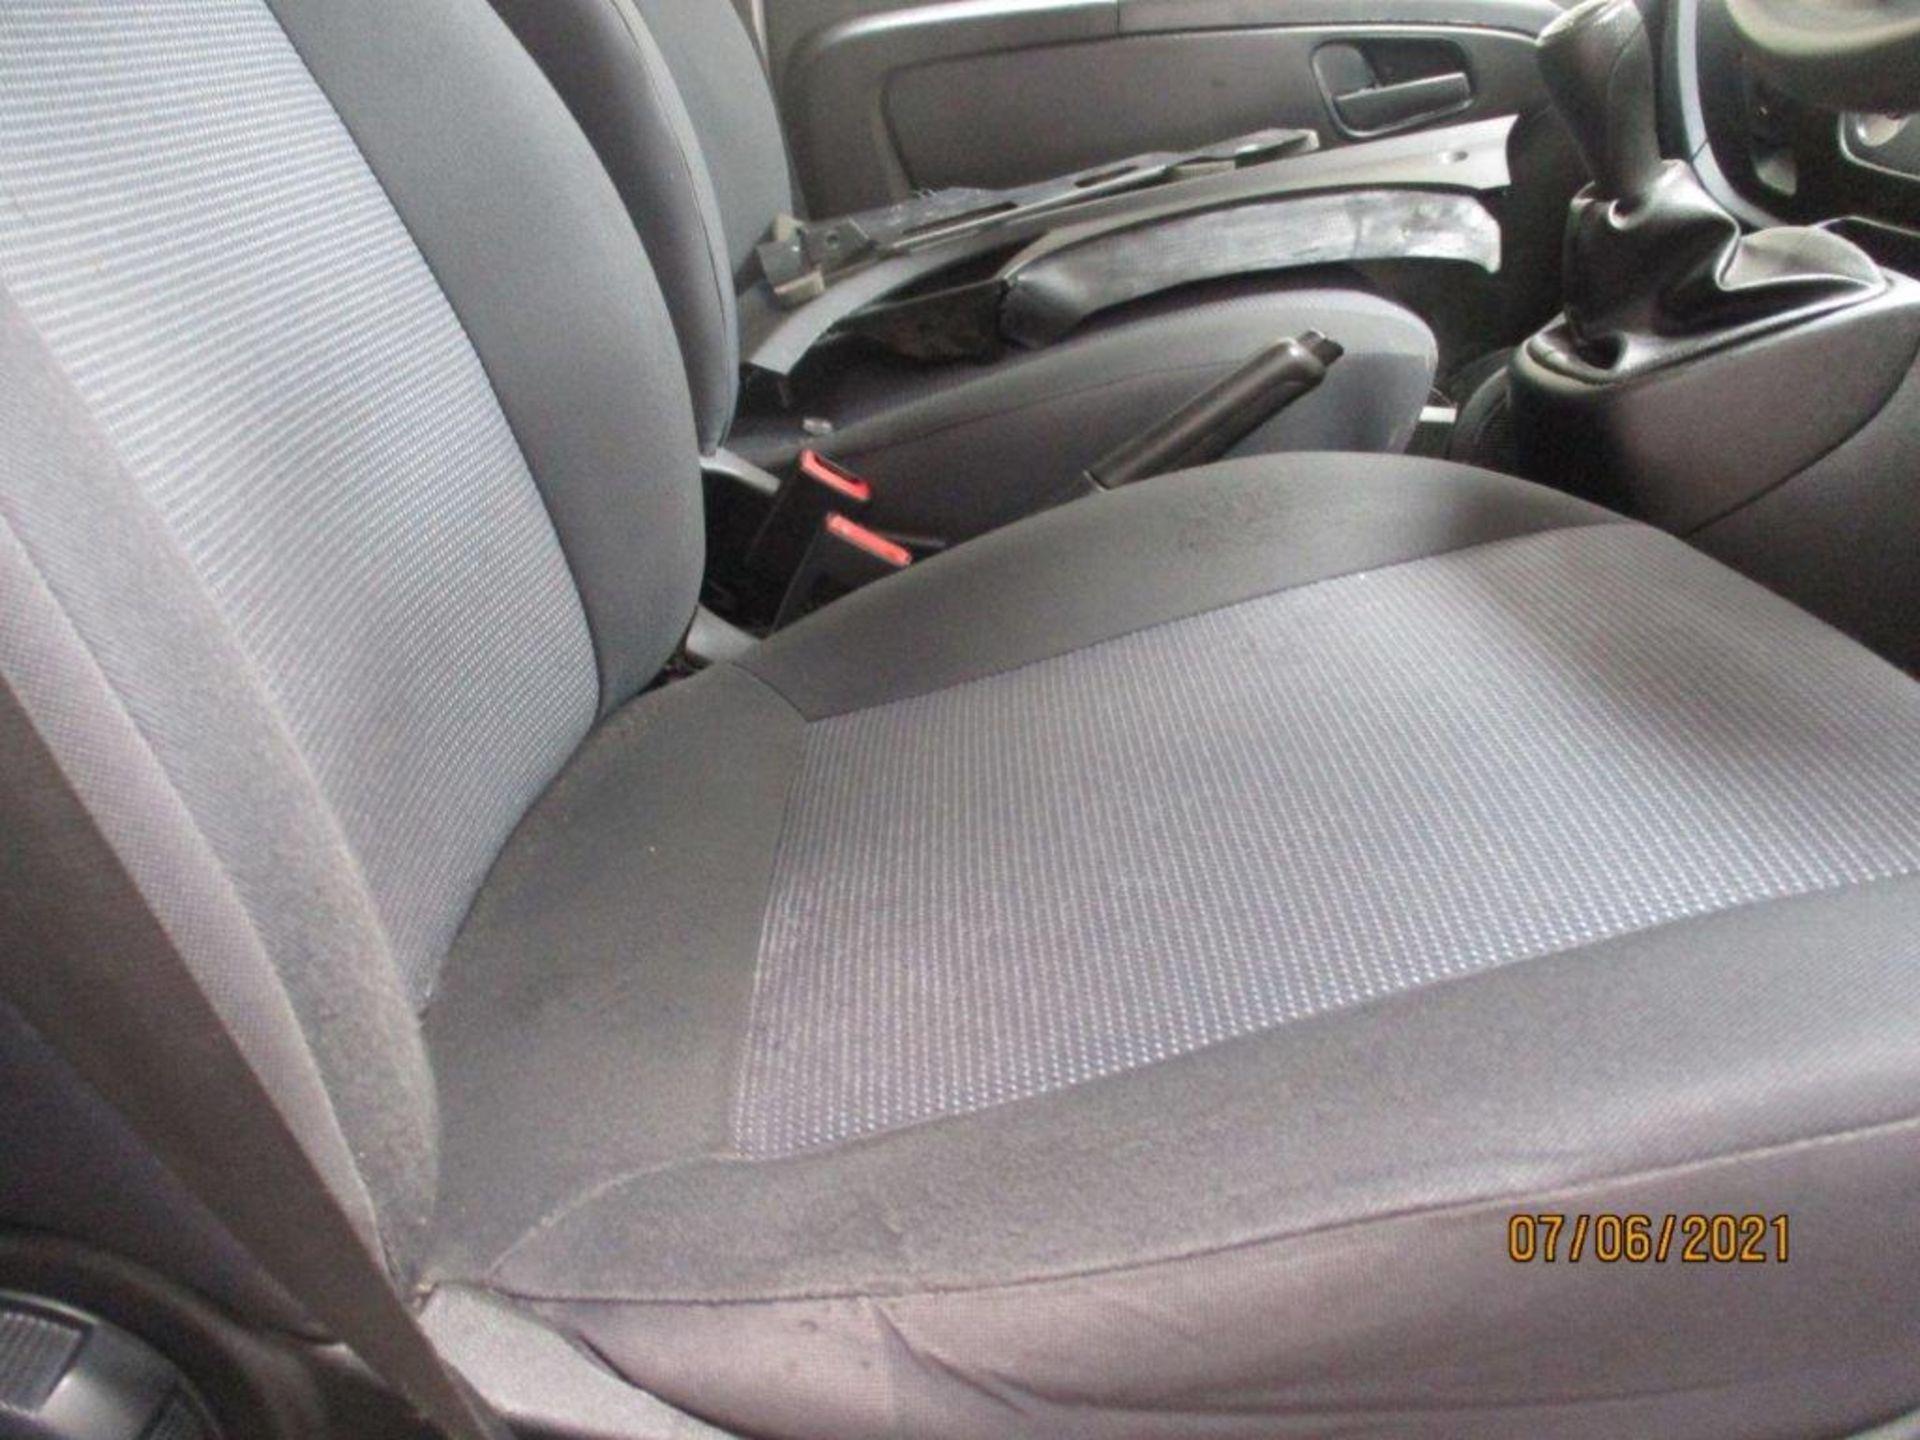 15 15 Peugeot Bipper Professional HD - Image 15 of 18